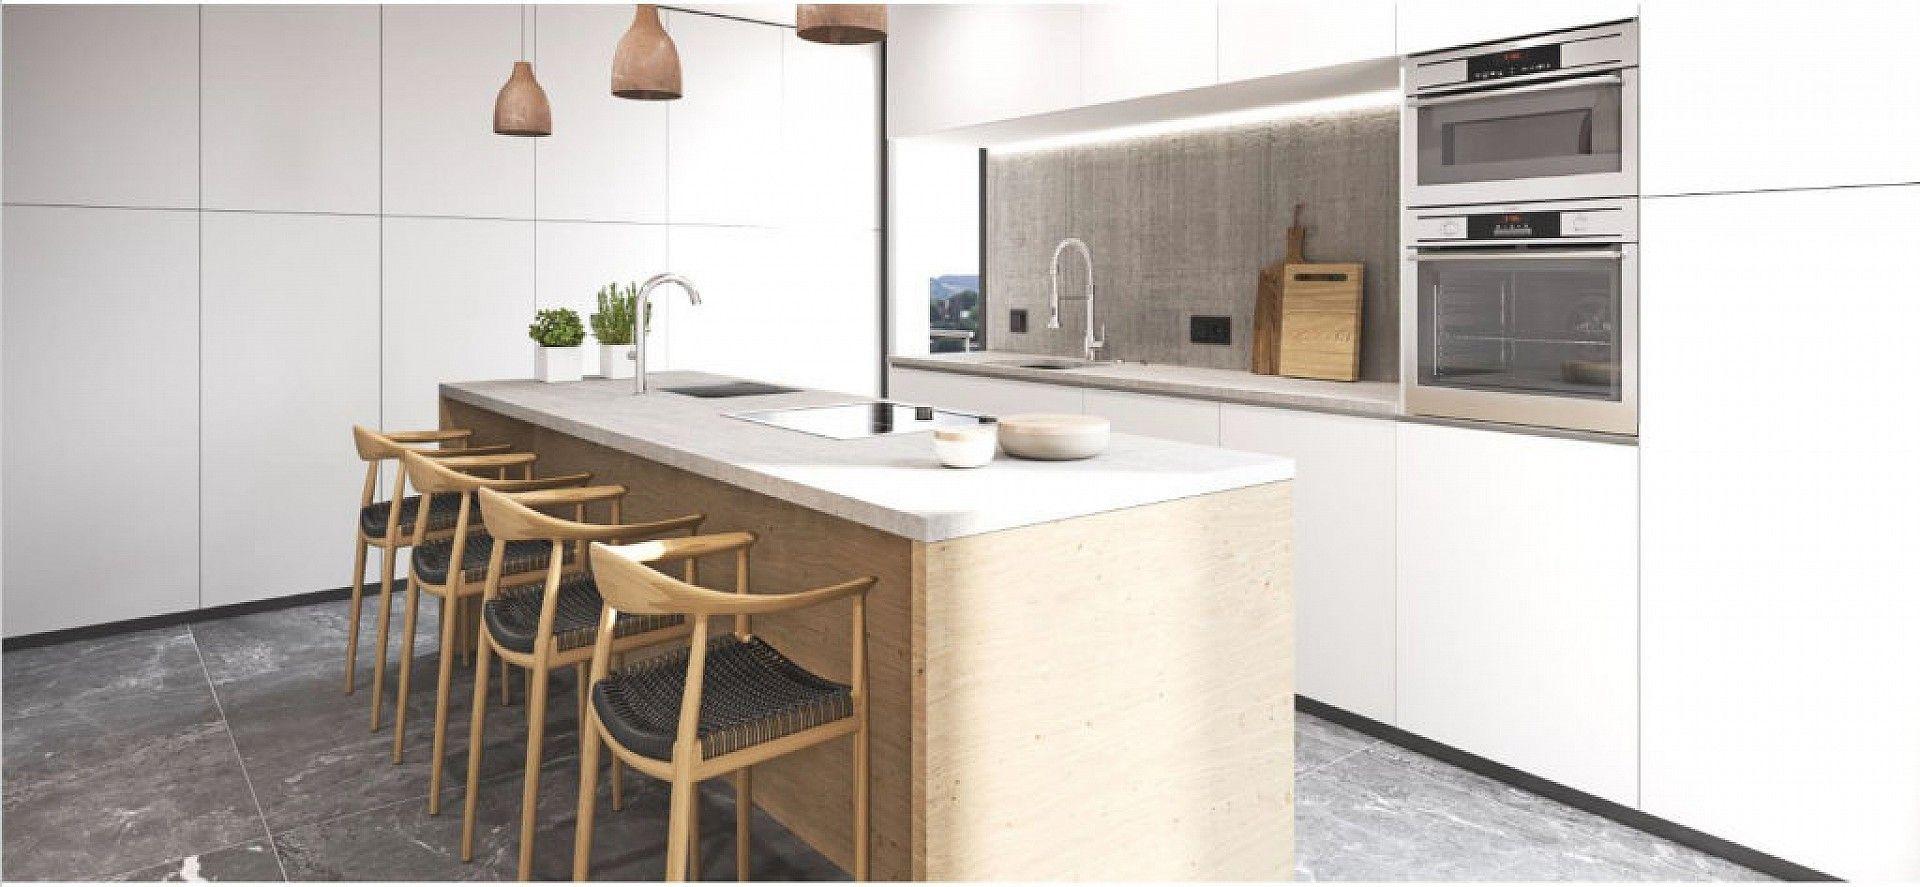 w_te-koop-huis-project-moraira-teulada-costa-blanca-nf2028-02-7.jpg